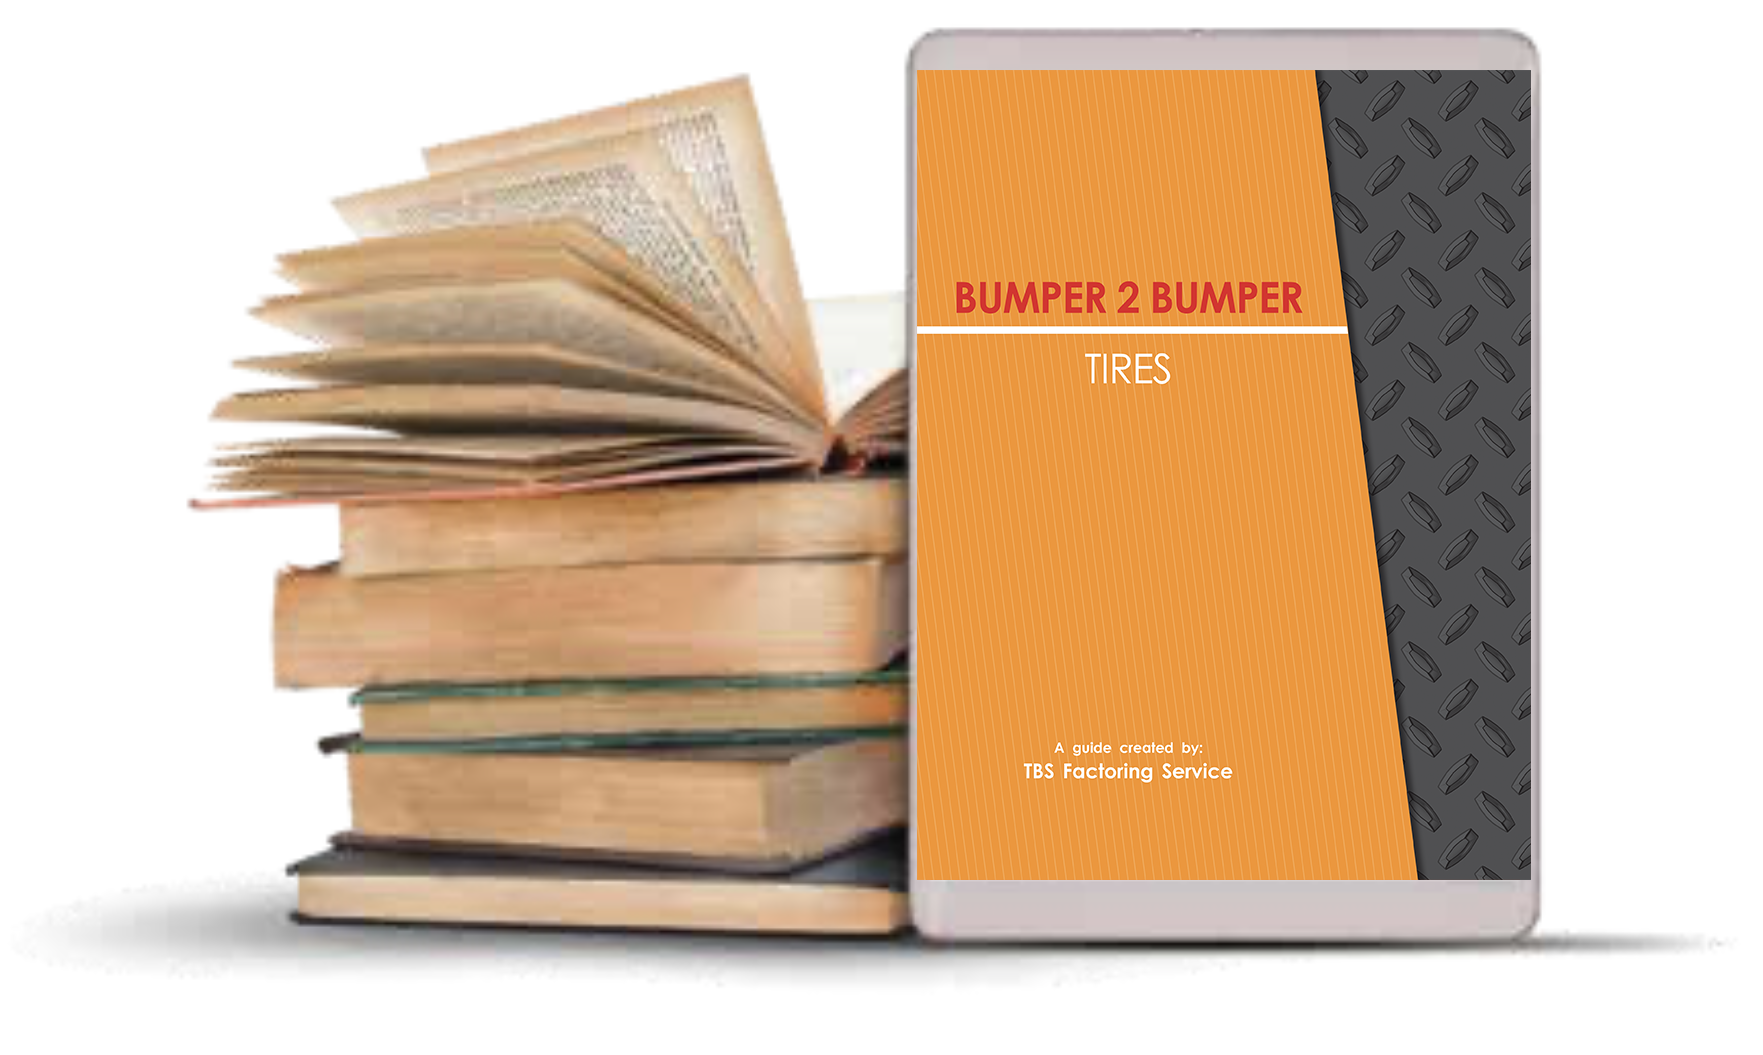 Bumper 2 Bumper, Tires E-Book